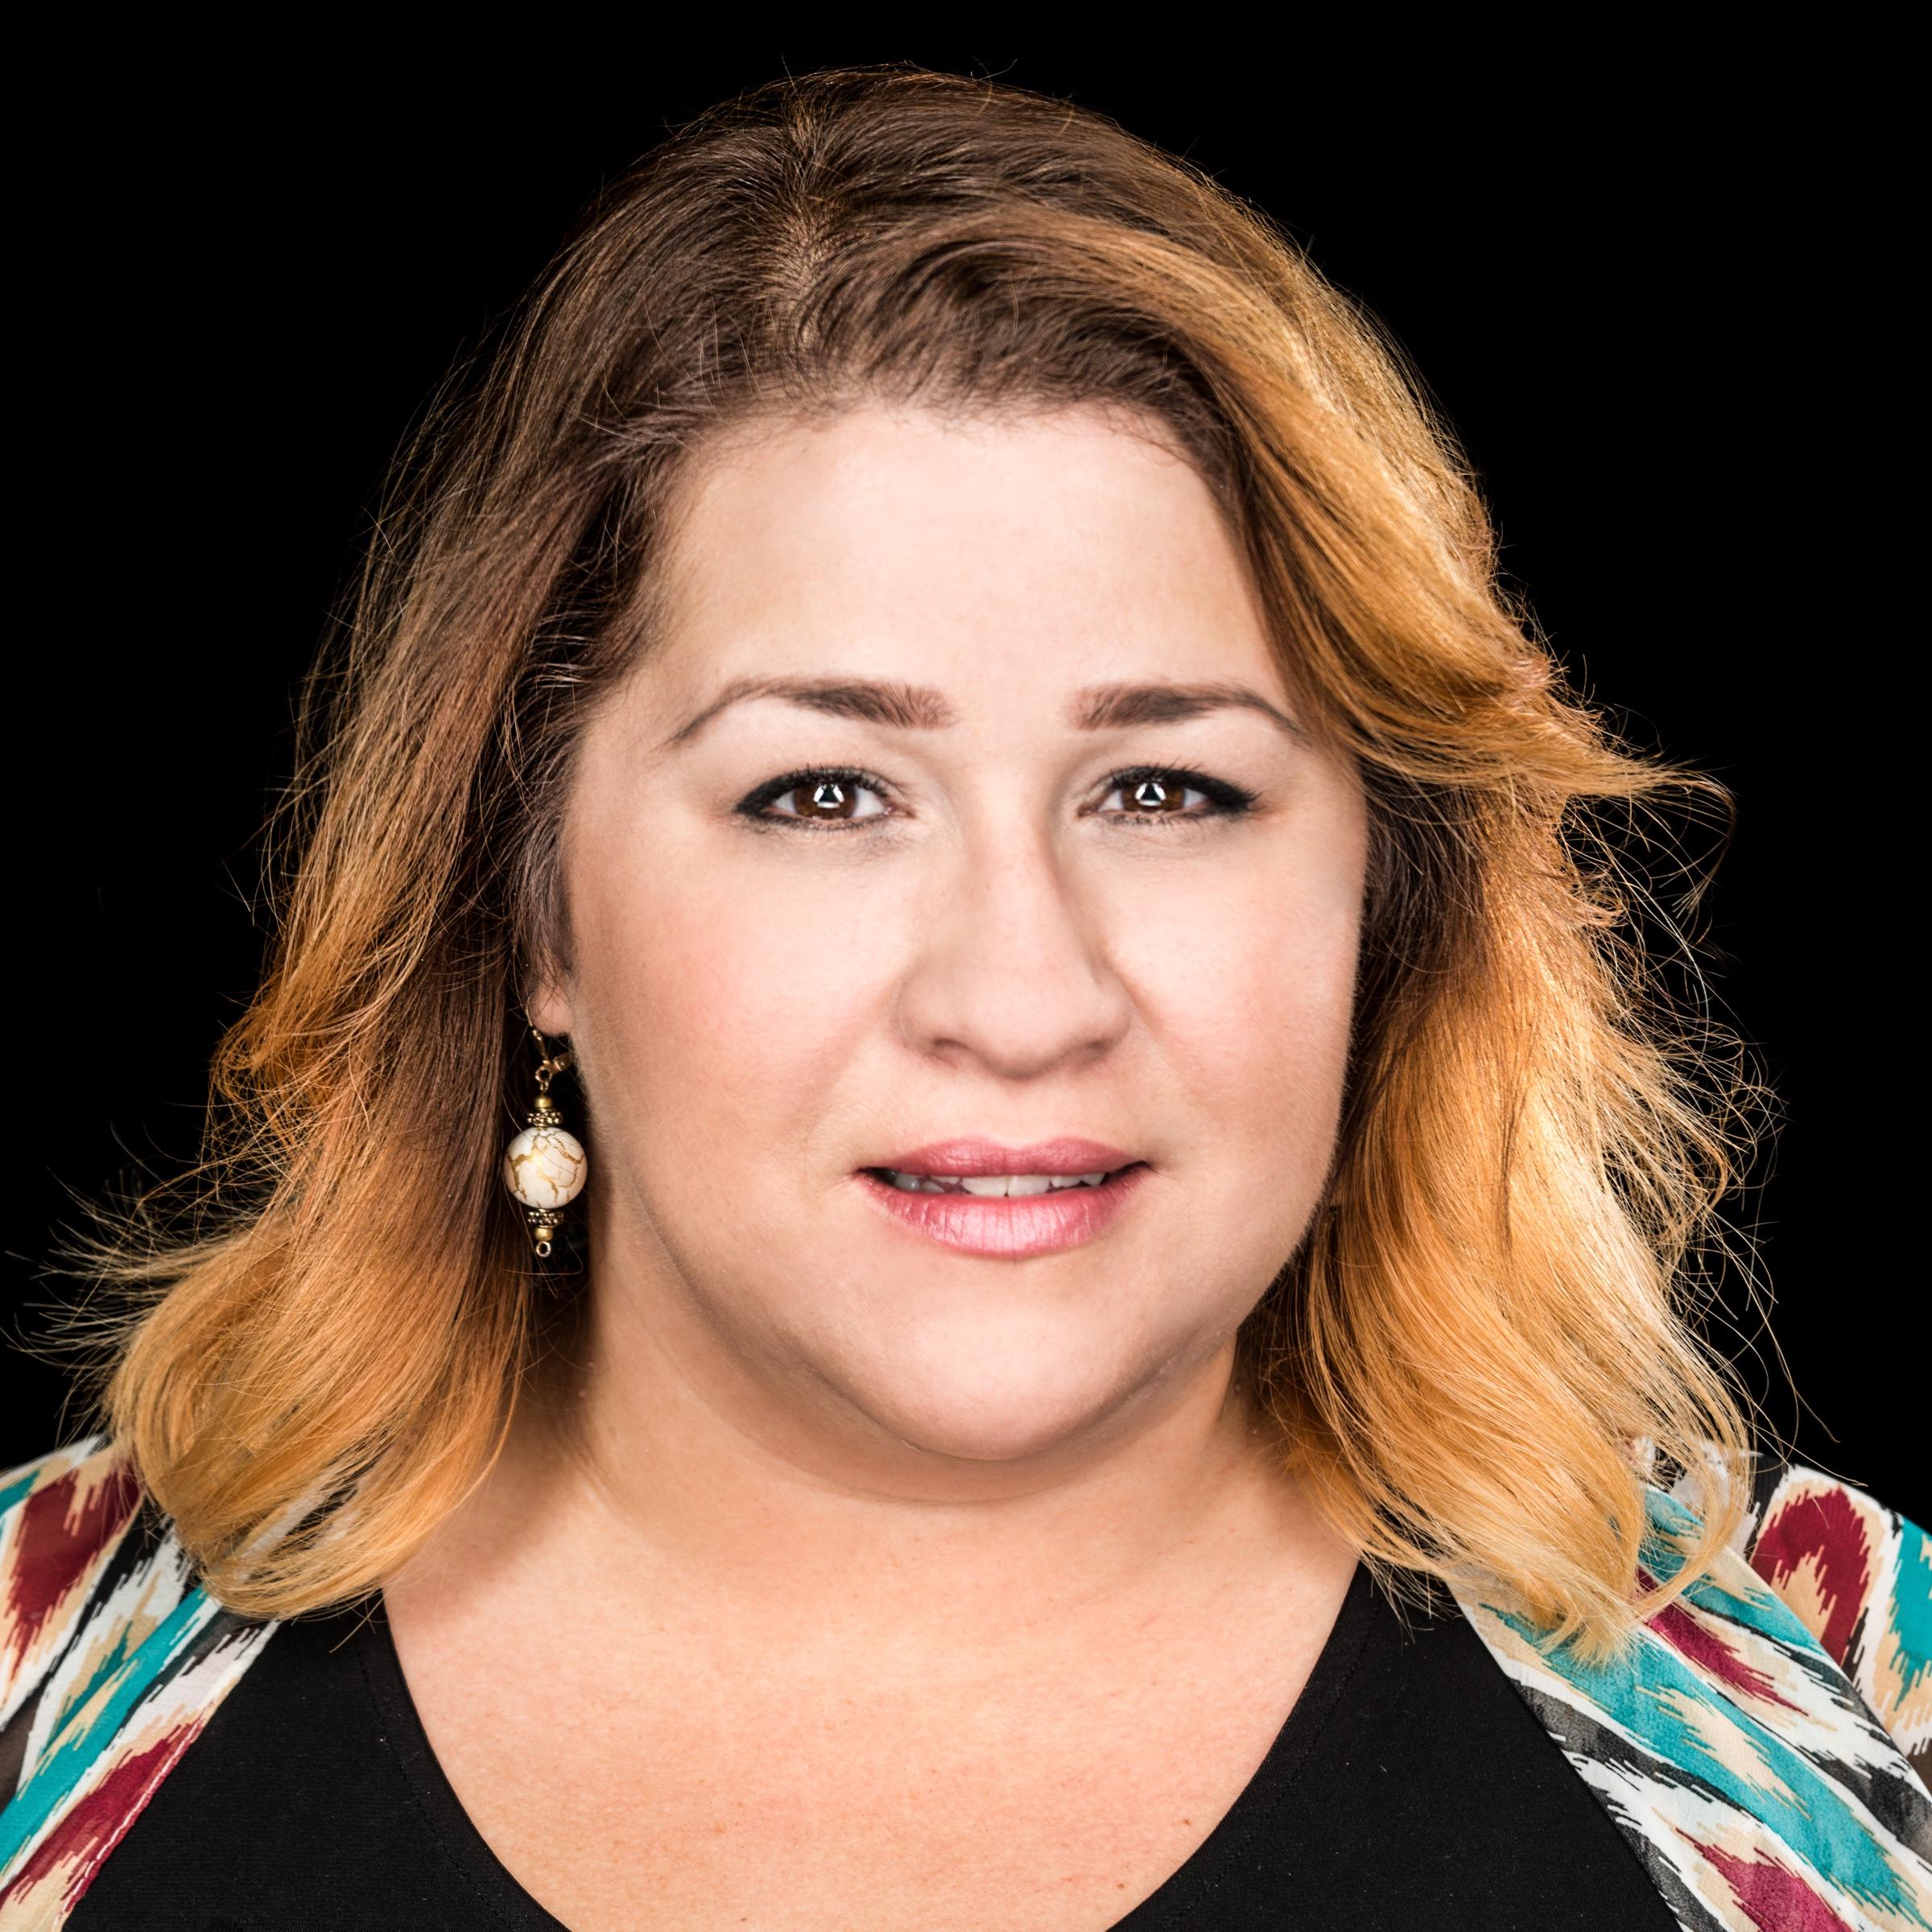 Victoria Perez, Actor/Director